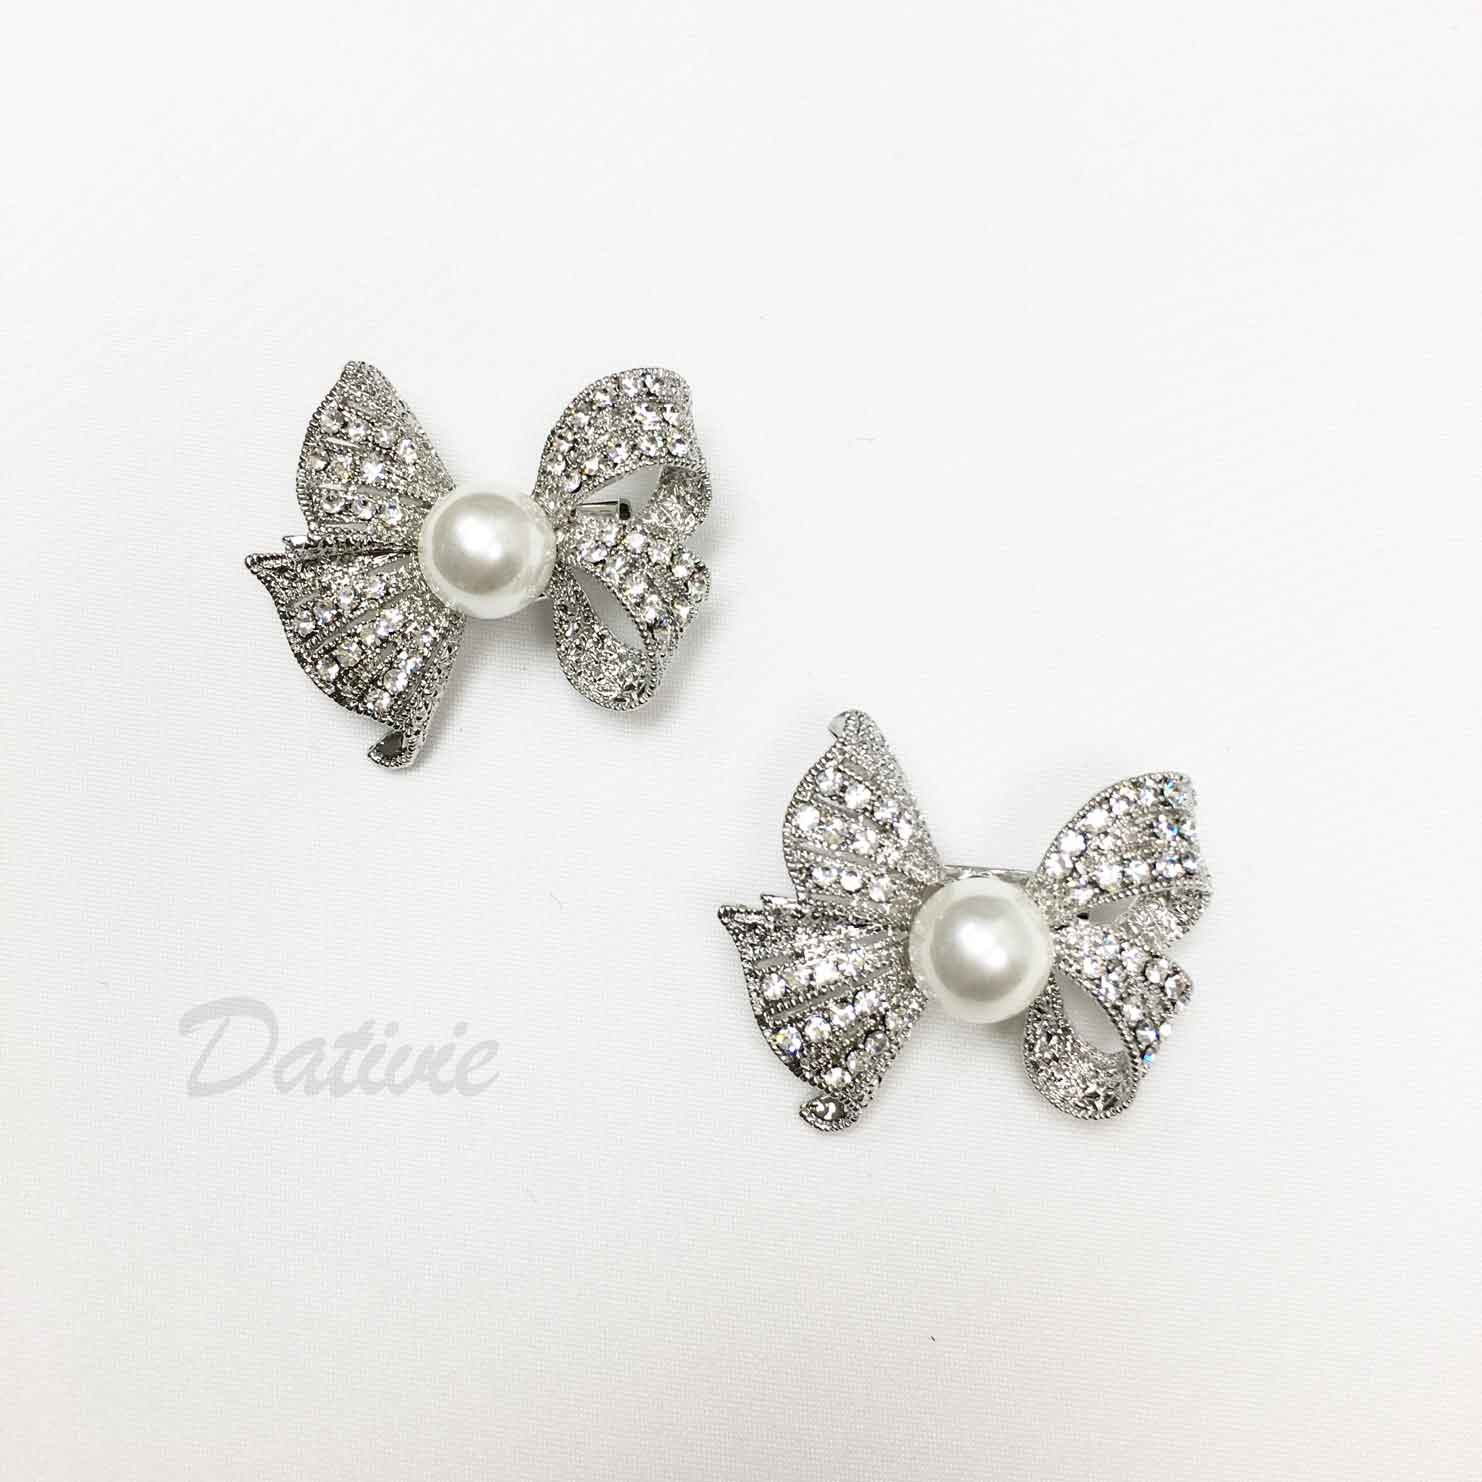 蝴蝶結 緞帶 不對稱 珍珠 水鑽 二入一組 胸針